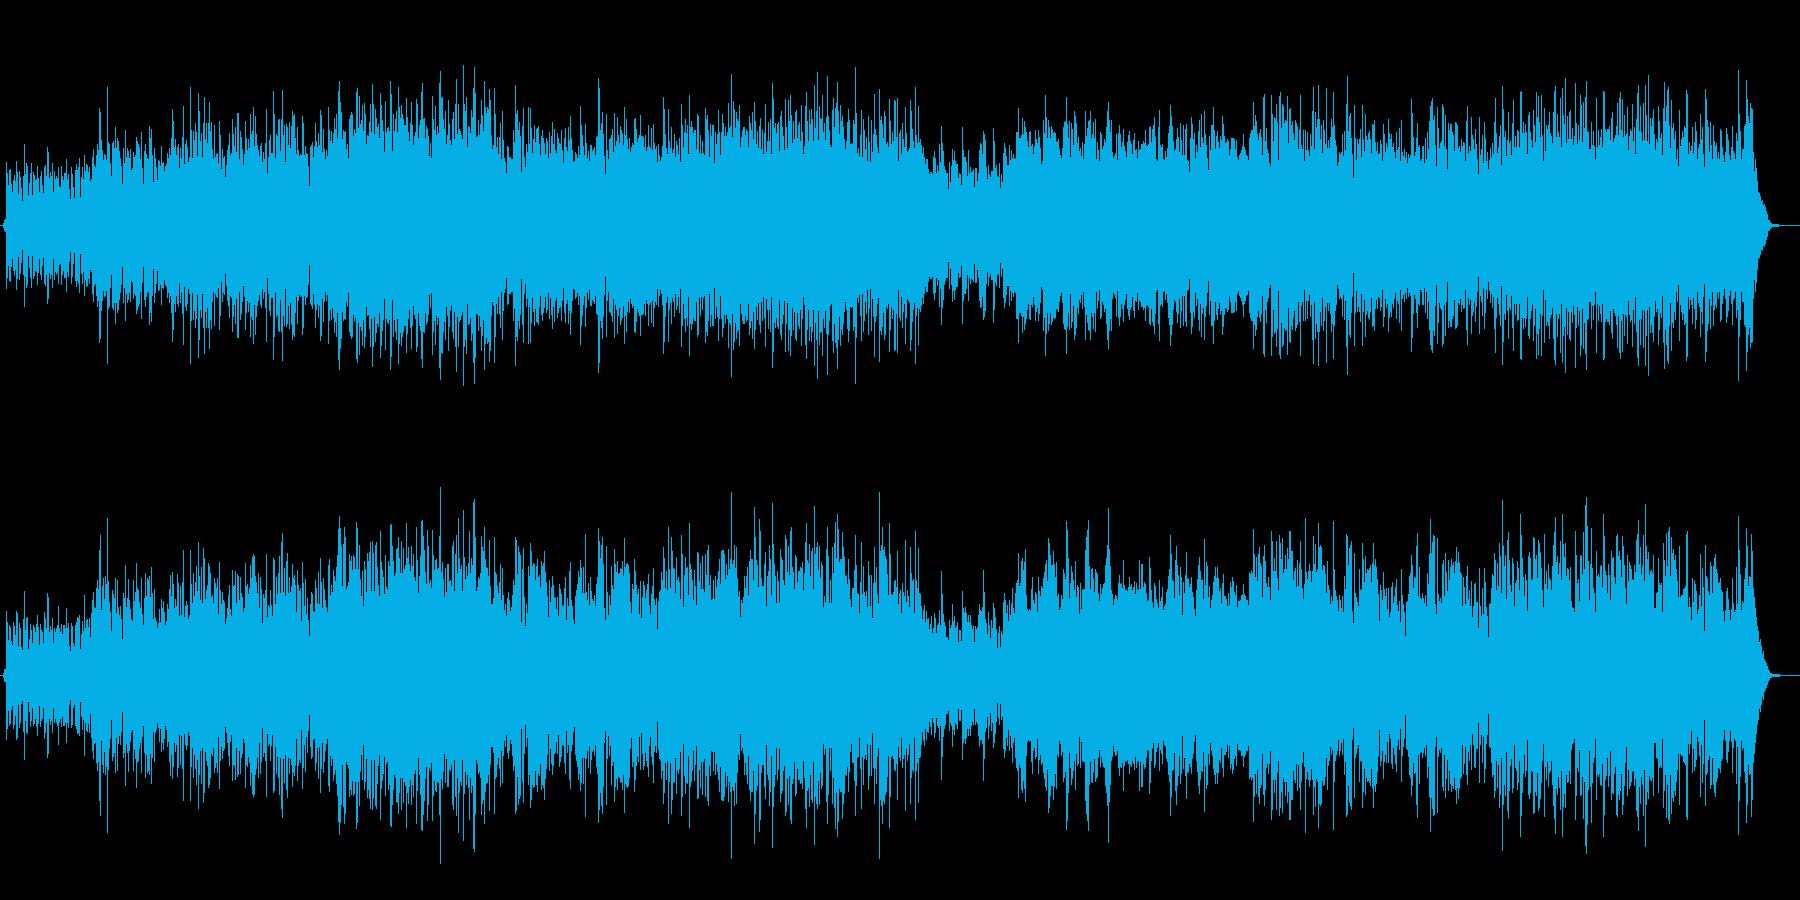 ハイテンポベースとピアノアドリブジャズ曲の再生済みの波形